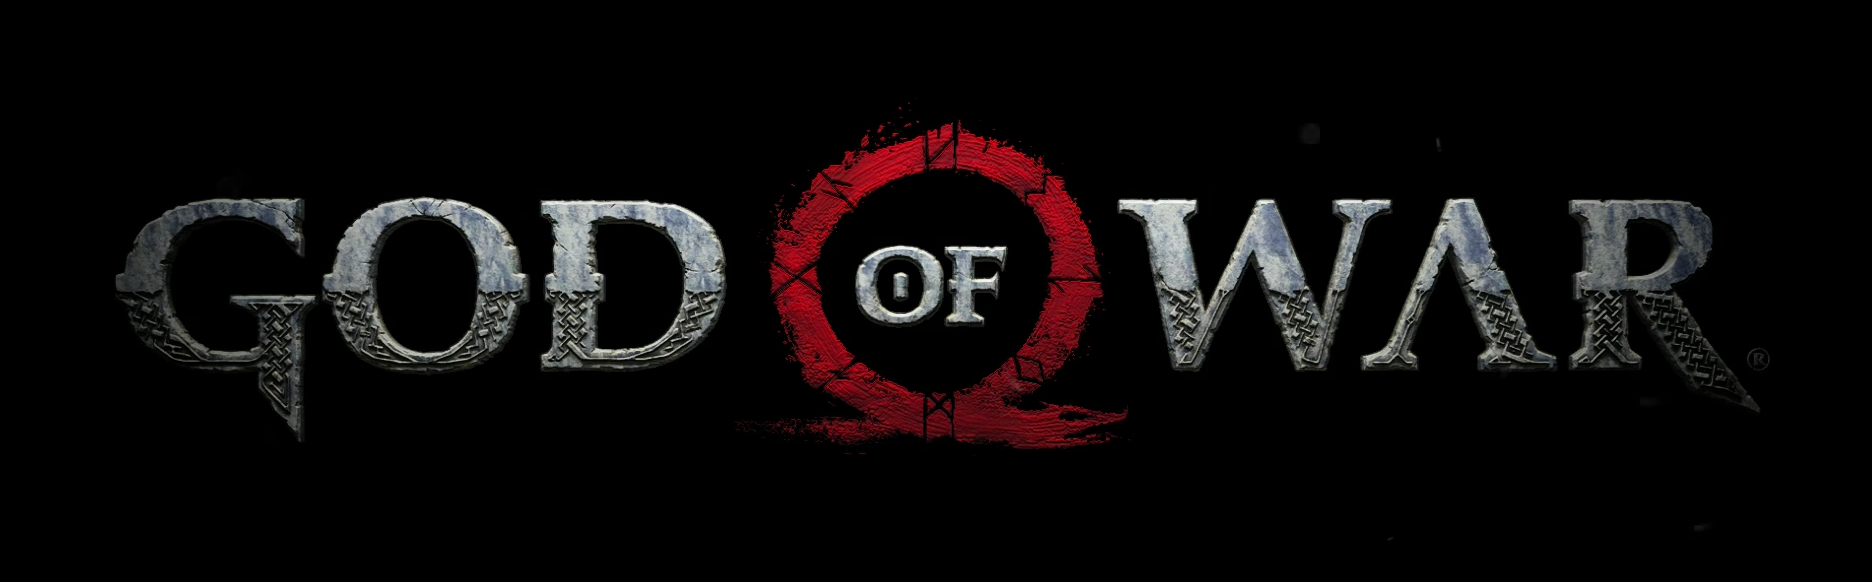 Nuevo God of war, antes de juzgarlo entérate aquí de porqué Kratos ha cambiado y conoce los secretos ocultos del vídeo Gameplay